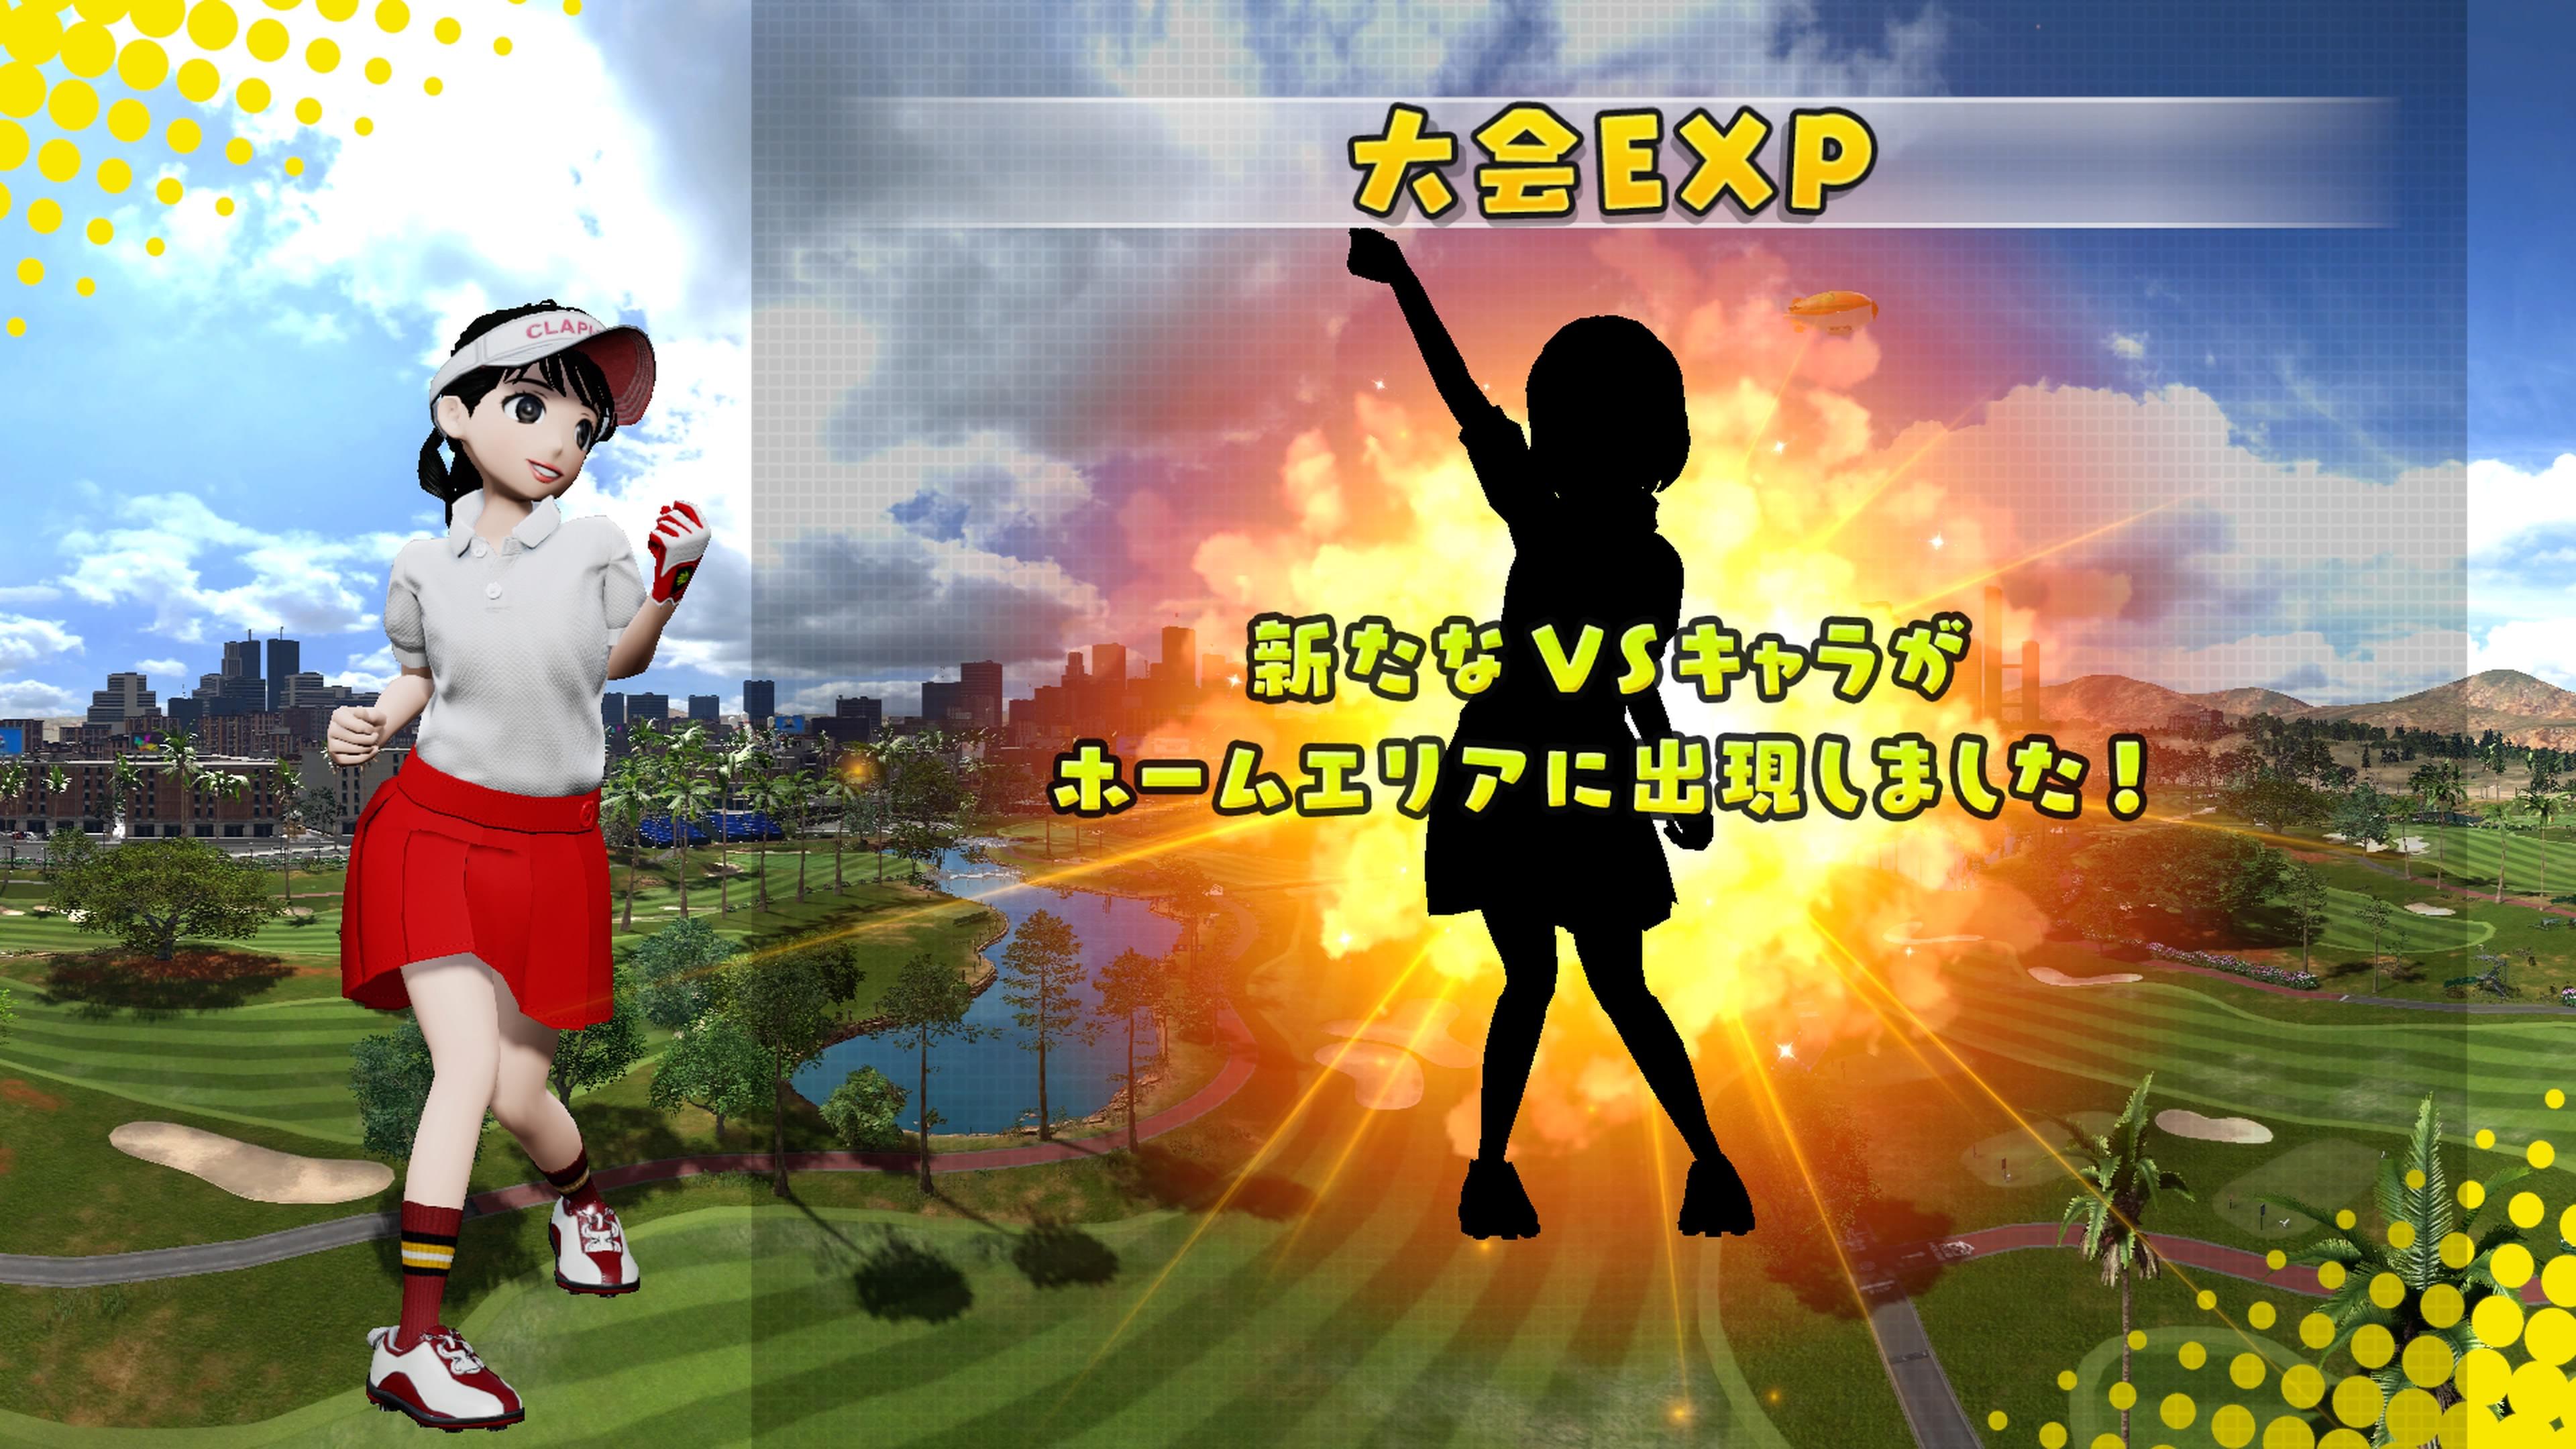 xHXIiT0IuN5Uf - PS4『New みんなのGOLF』が海外で大好評 キャラクターを日本人にしか受けない気持ち悪い造形から脱却できた事も勝因とのこと